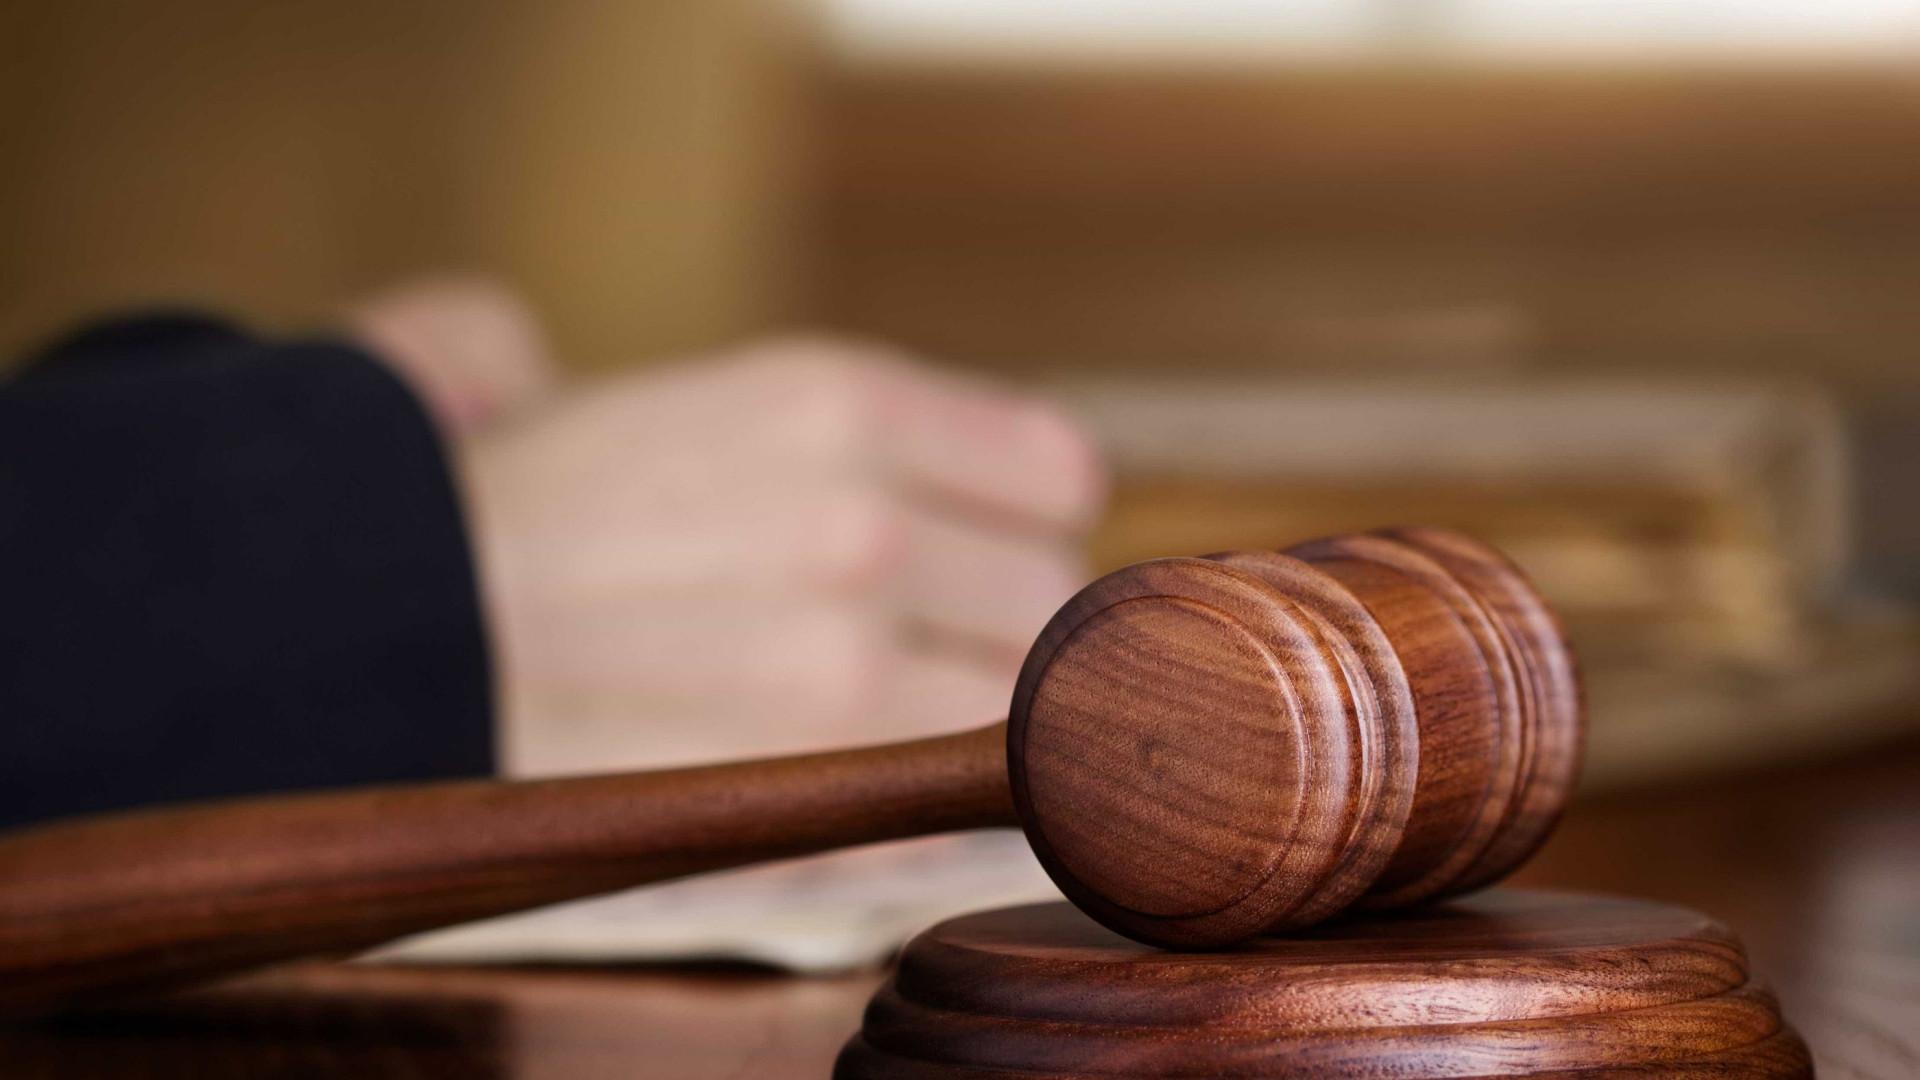 Tribunal lê hoje decisão em processo de corrupção com cartas de condução